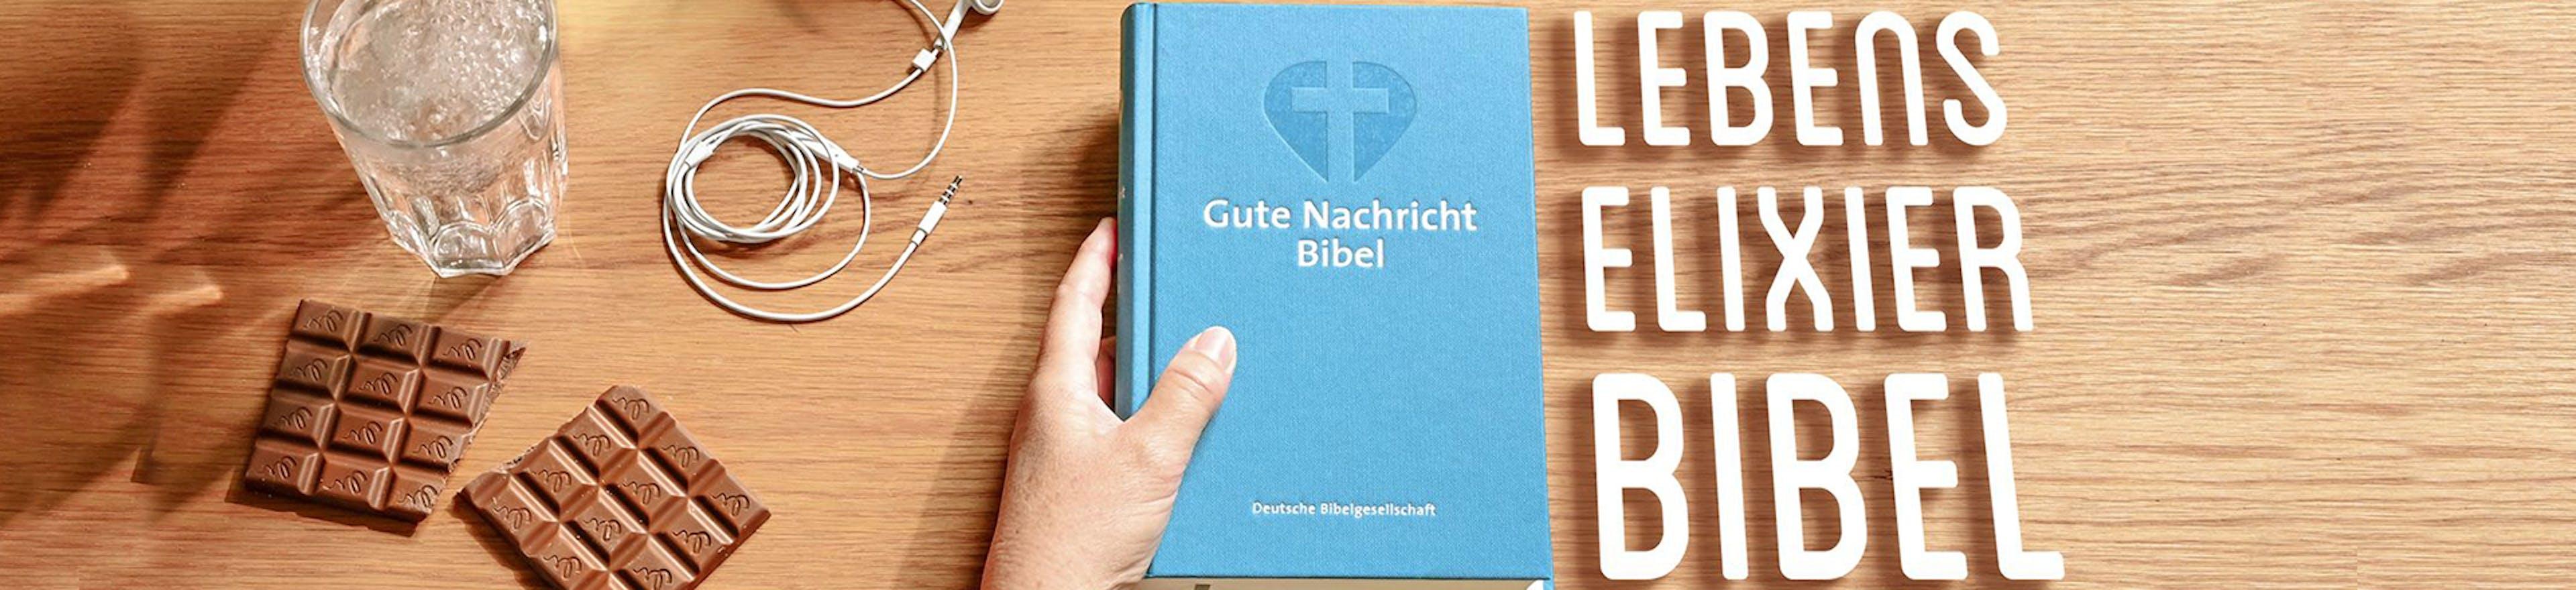 Allianzgebetswoche 2021: Lebenselixier Bibel